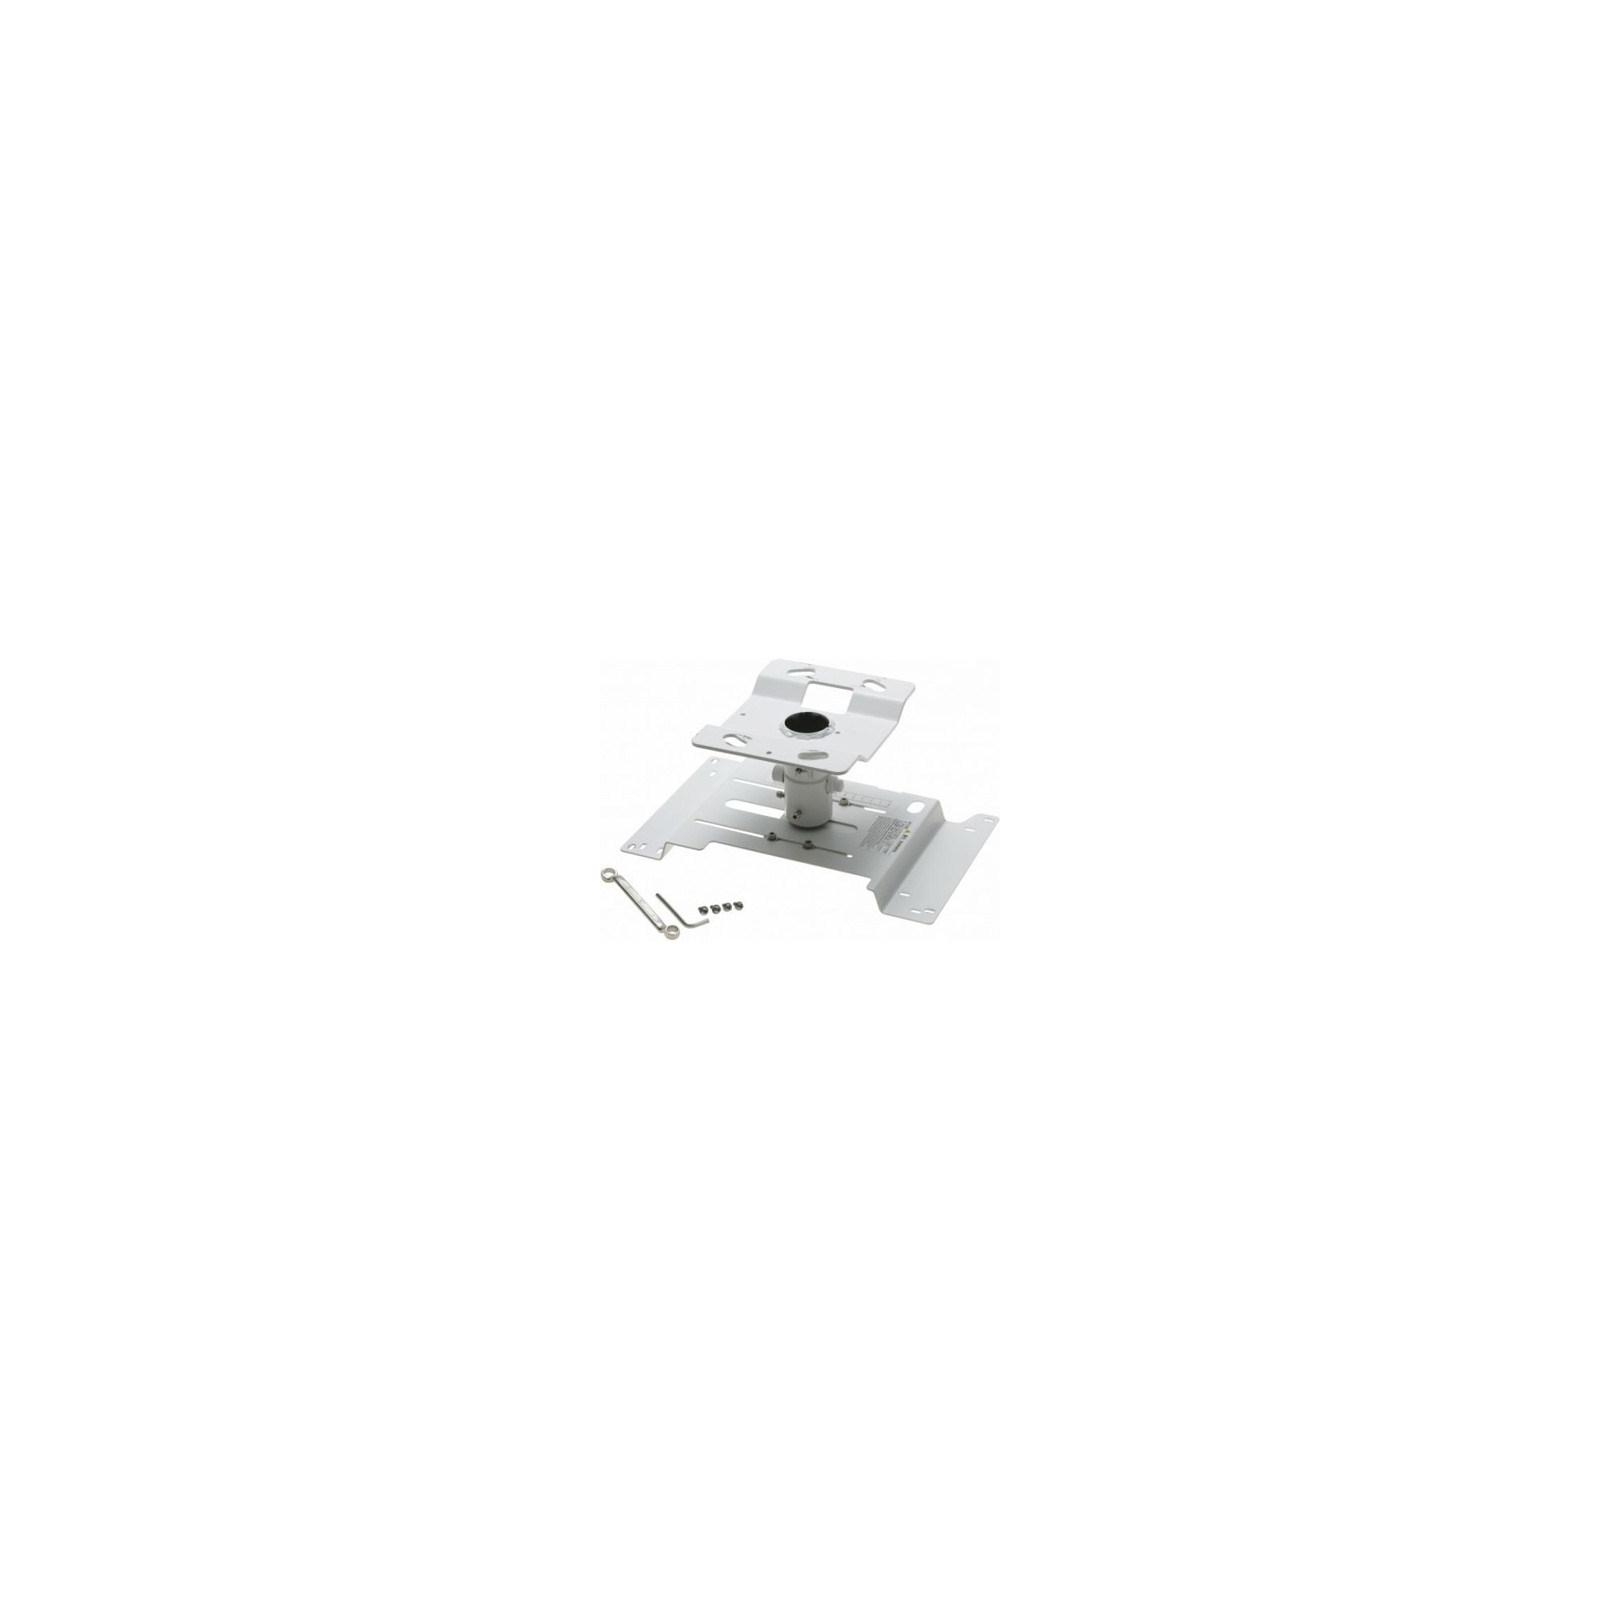 Кронштейн для проектора ELPMB22 EPSON (V12H003B22)